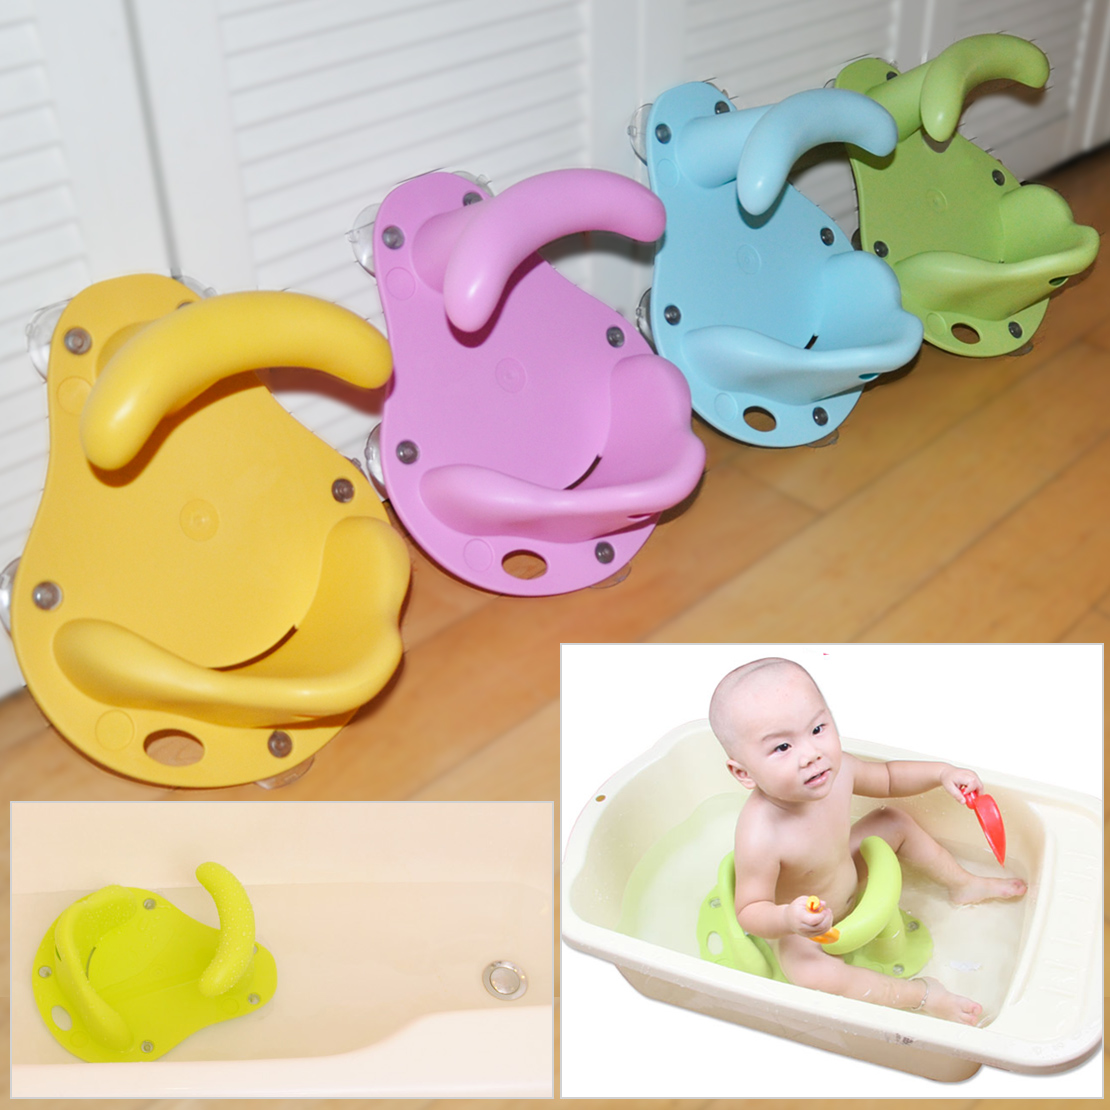 Bath Child Tub Safety Chair - Momeaz